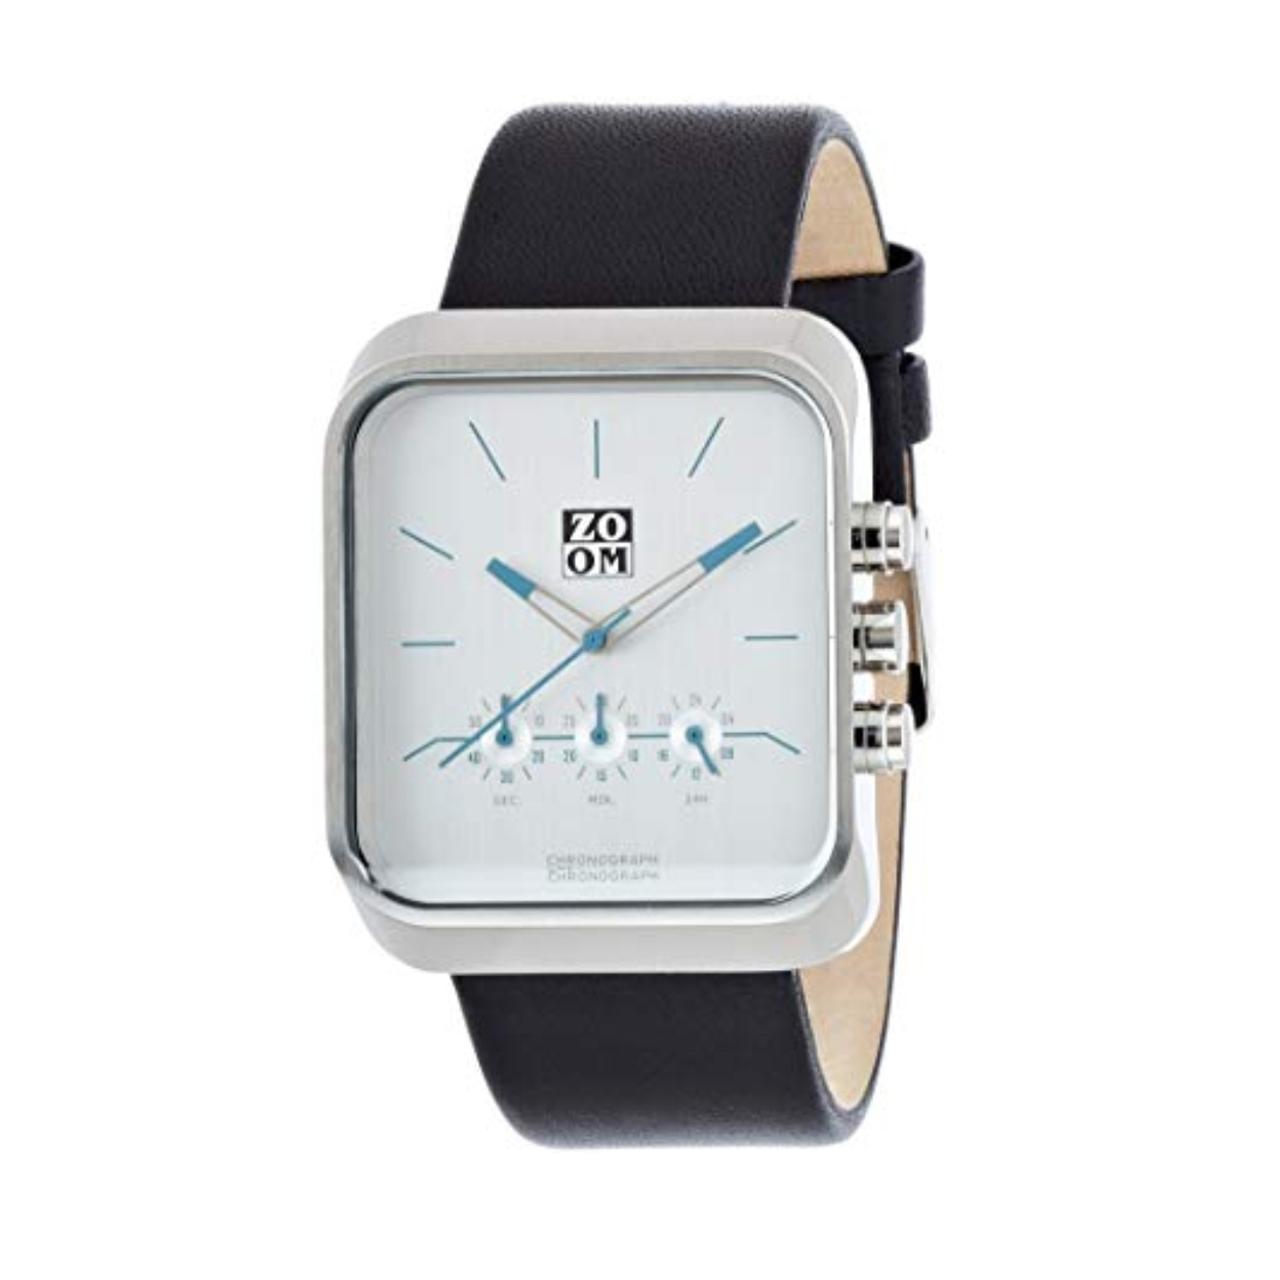 ساعت مچی عقربه ای مردانه ZOOM مدل ZM.6064M.2522